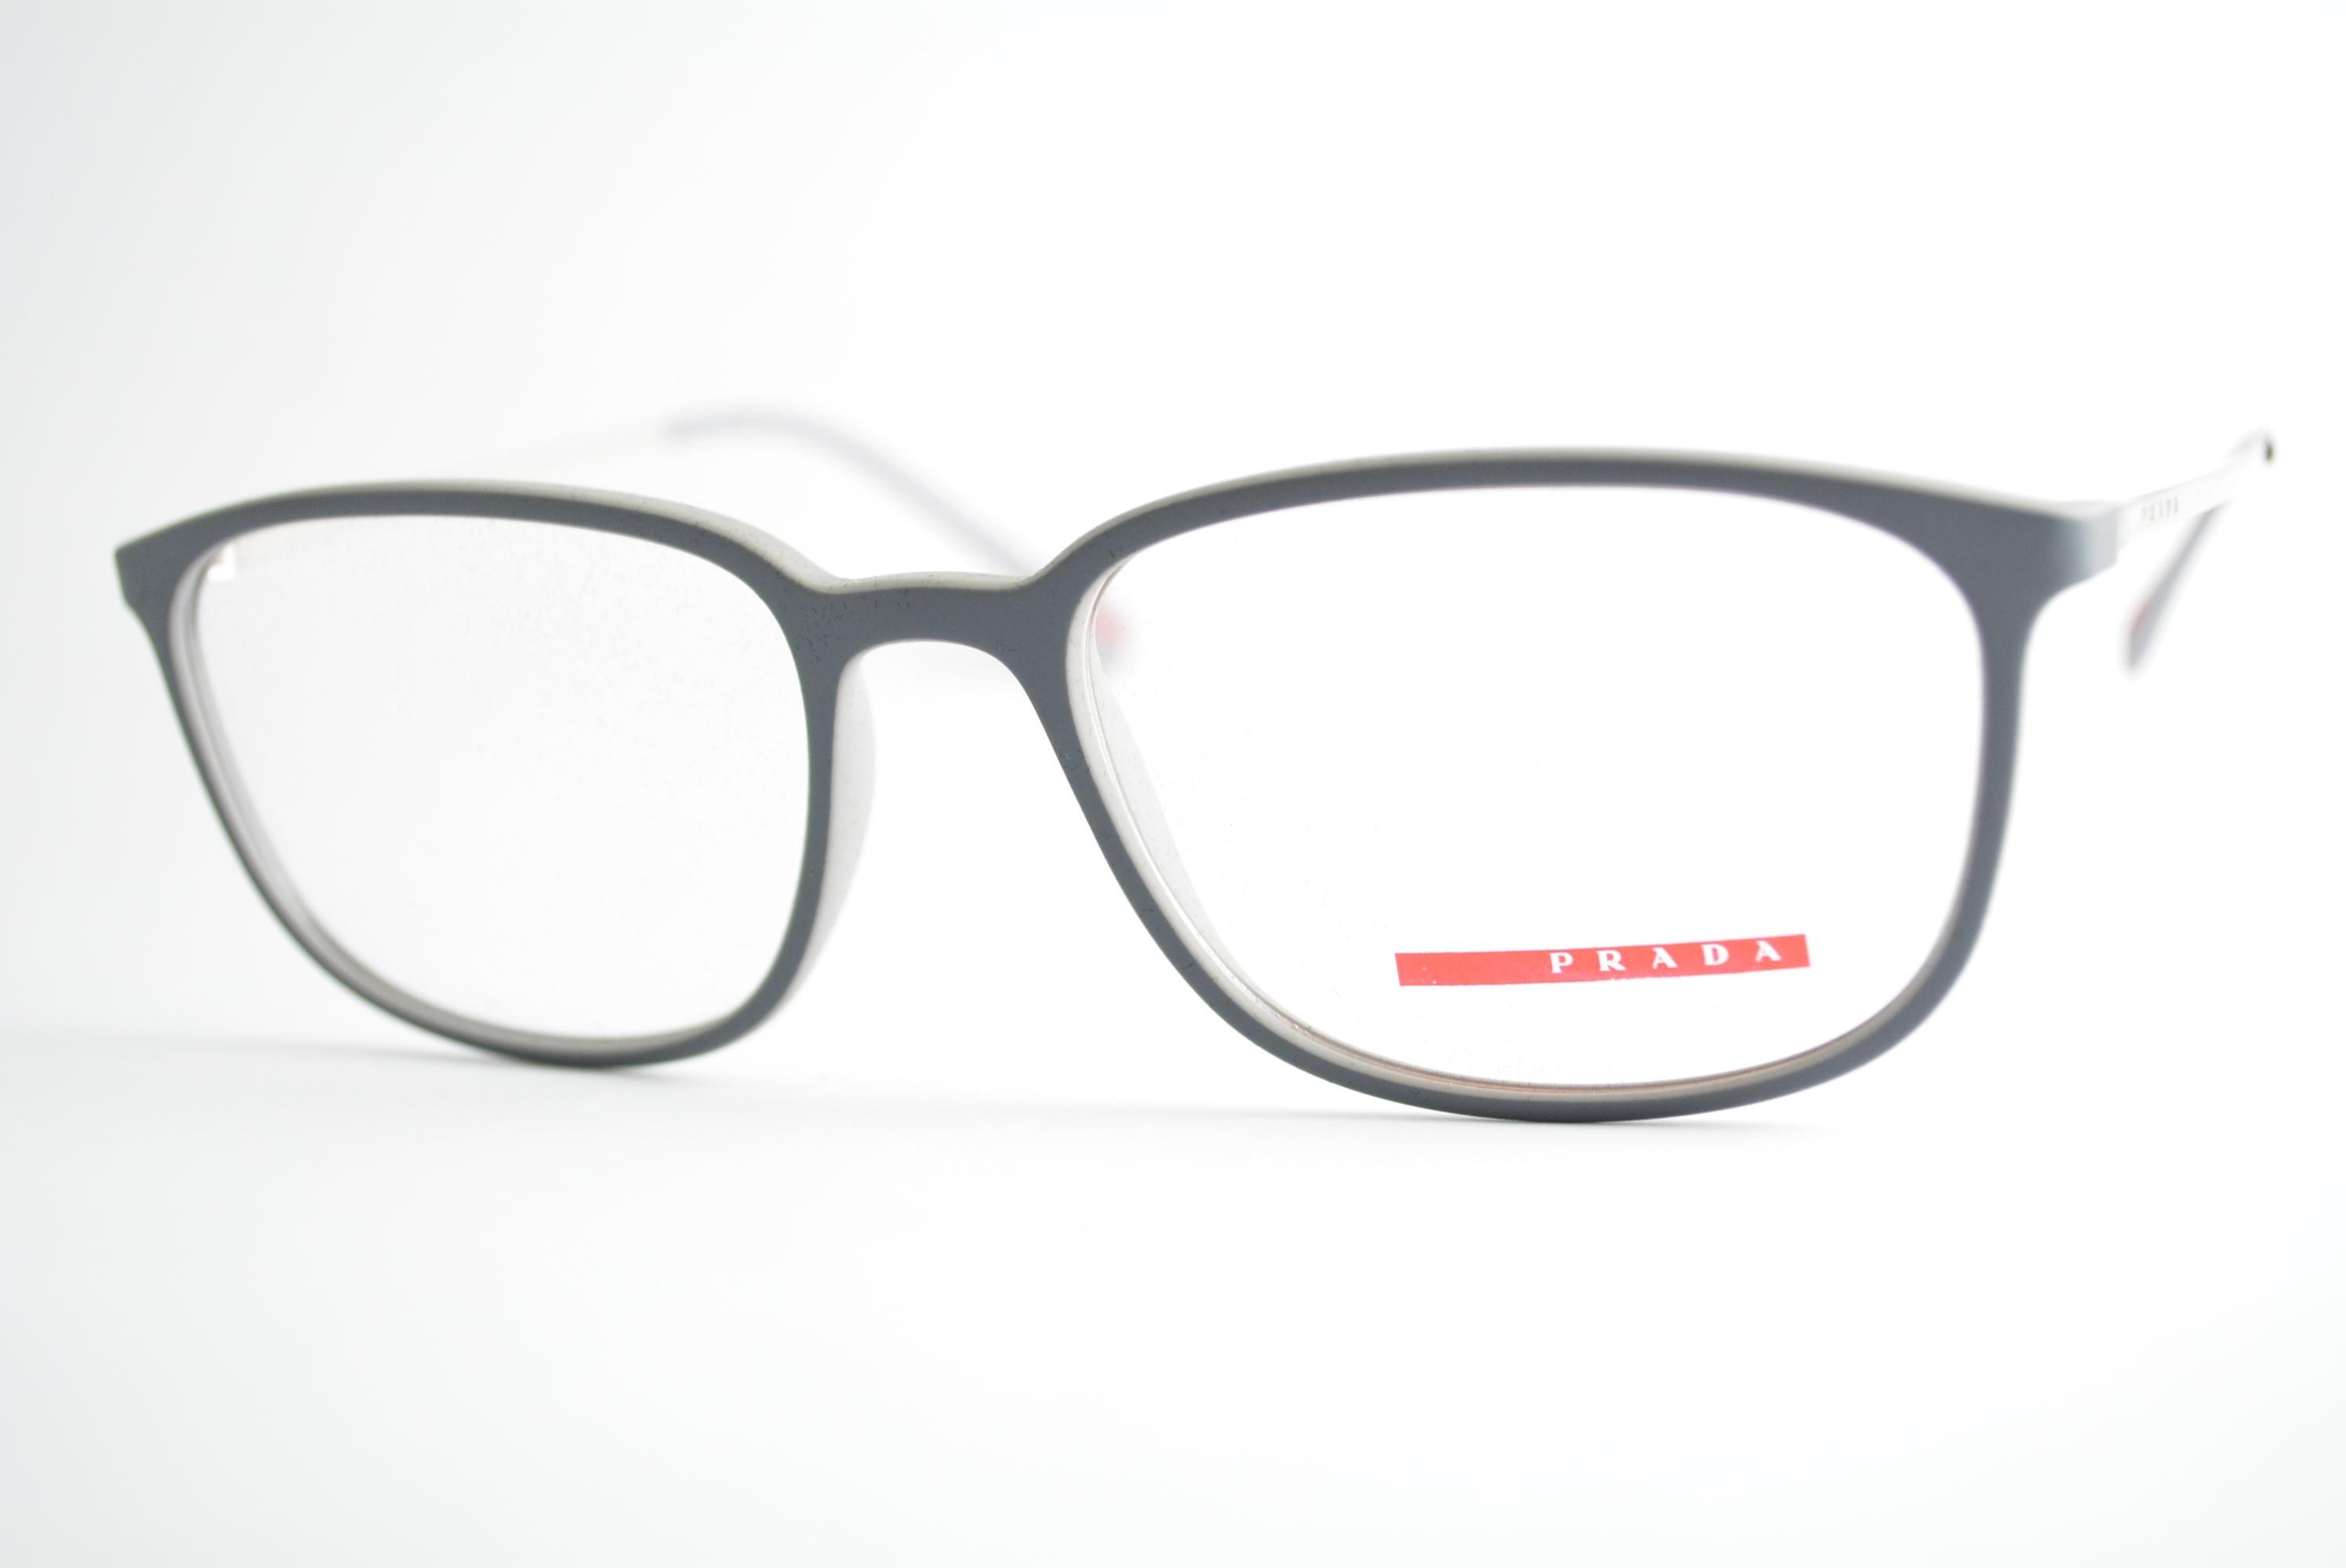 ... armação de óculos Prada Linea Rossa mod vps03H VIM-1O1 Ótica Cardoso  fc491b21ef8371 ... 6fb88d858e